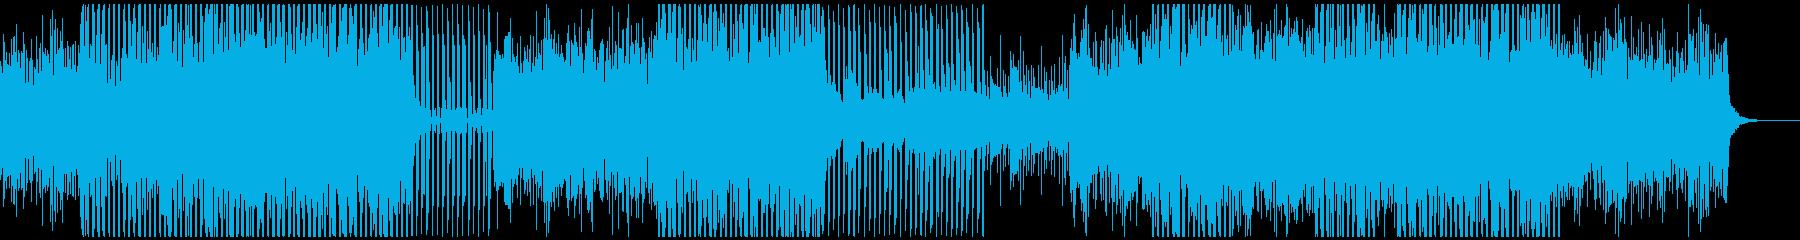 オーケストラ、パーカッション、テクノの再生済みの波形